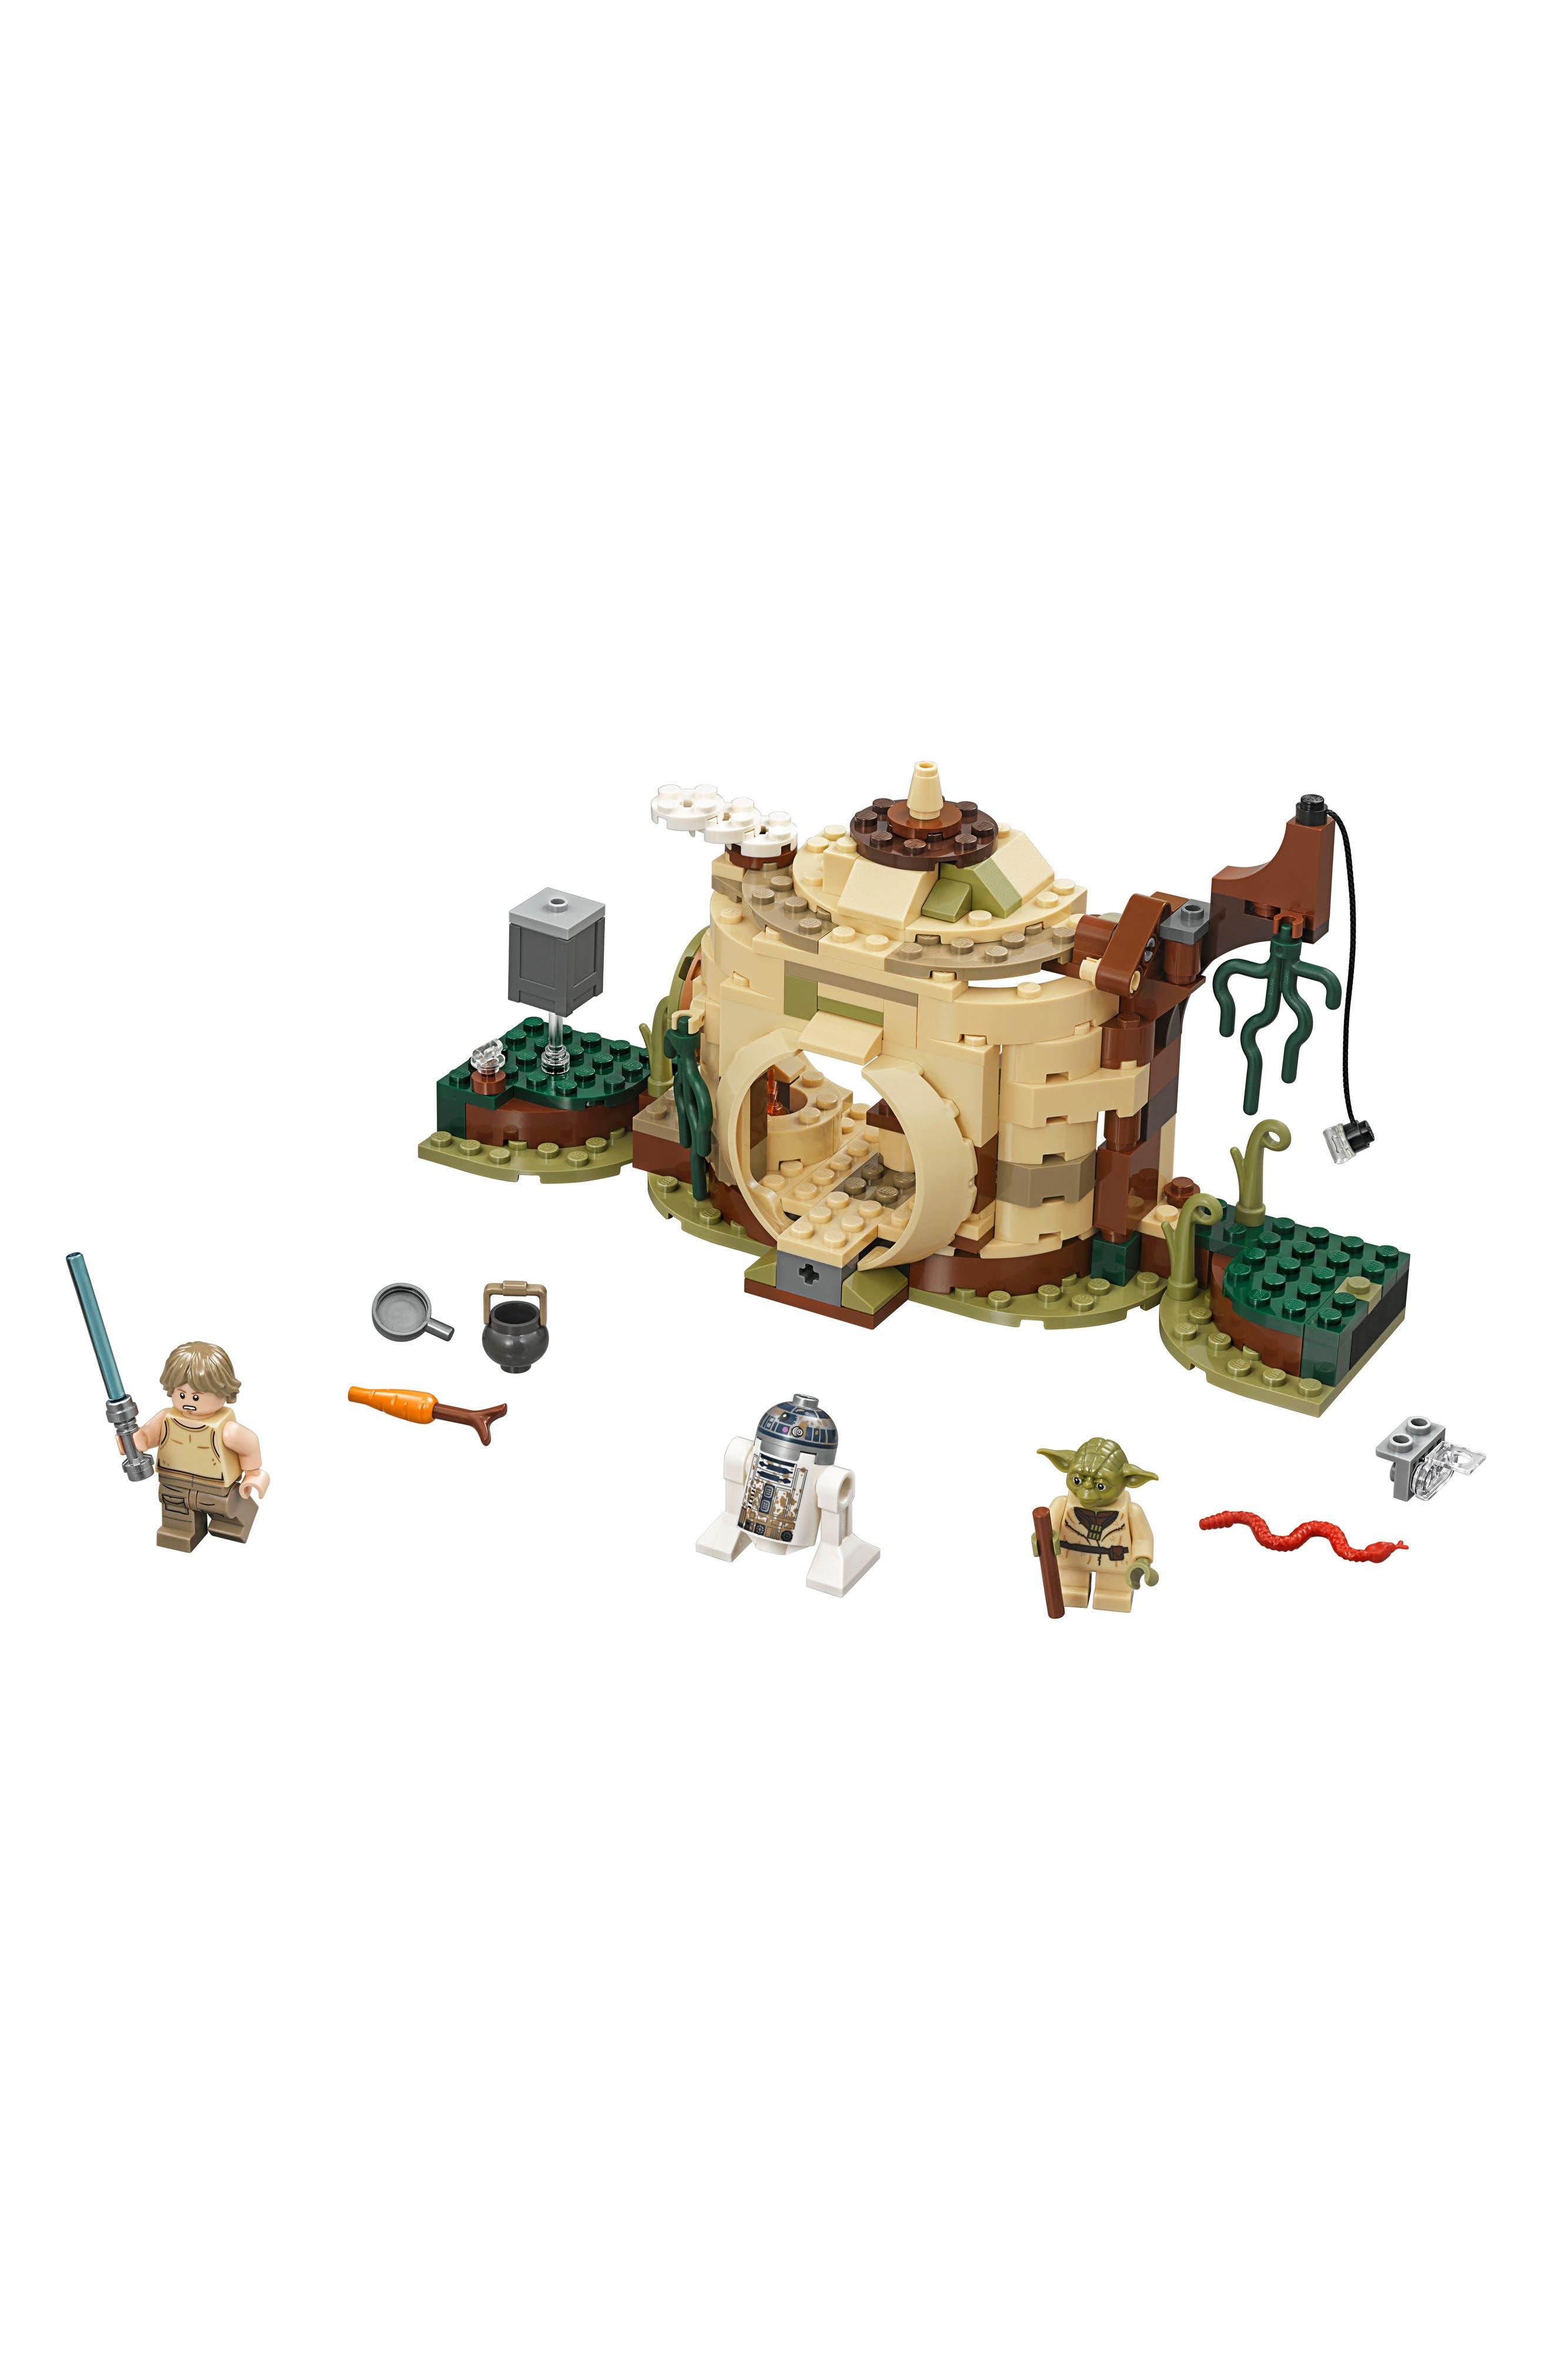 Star Wars<sup>®</sup> Yoda's Hut<sup>™</sup> - 75208,                             Main thumbnail 1, color,                             MULTI